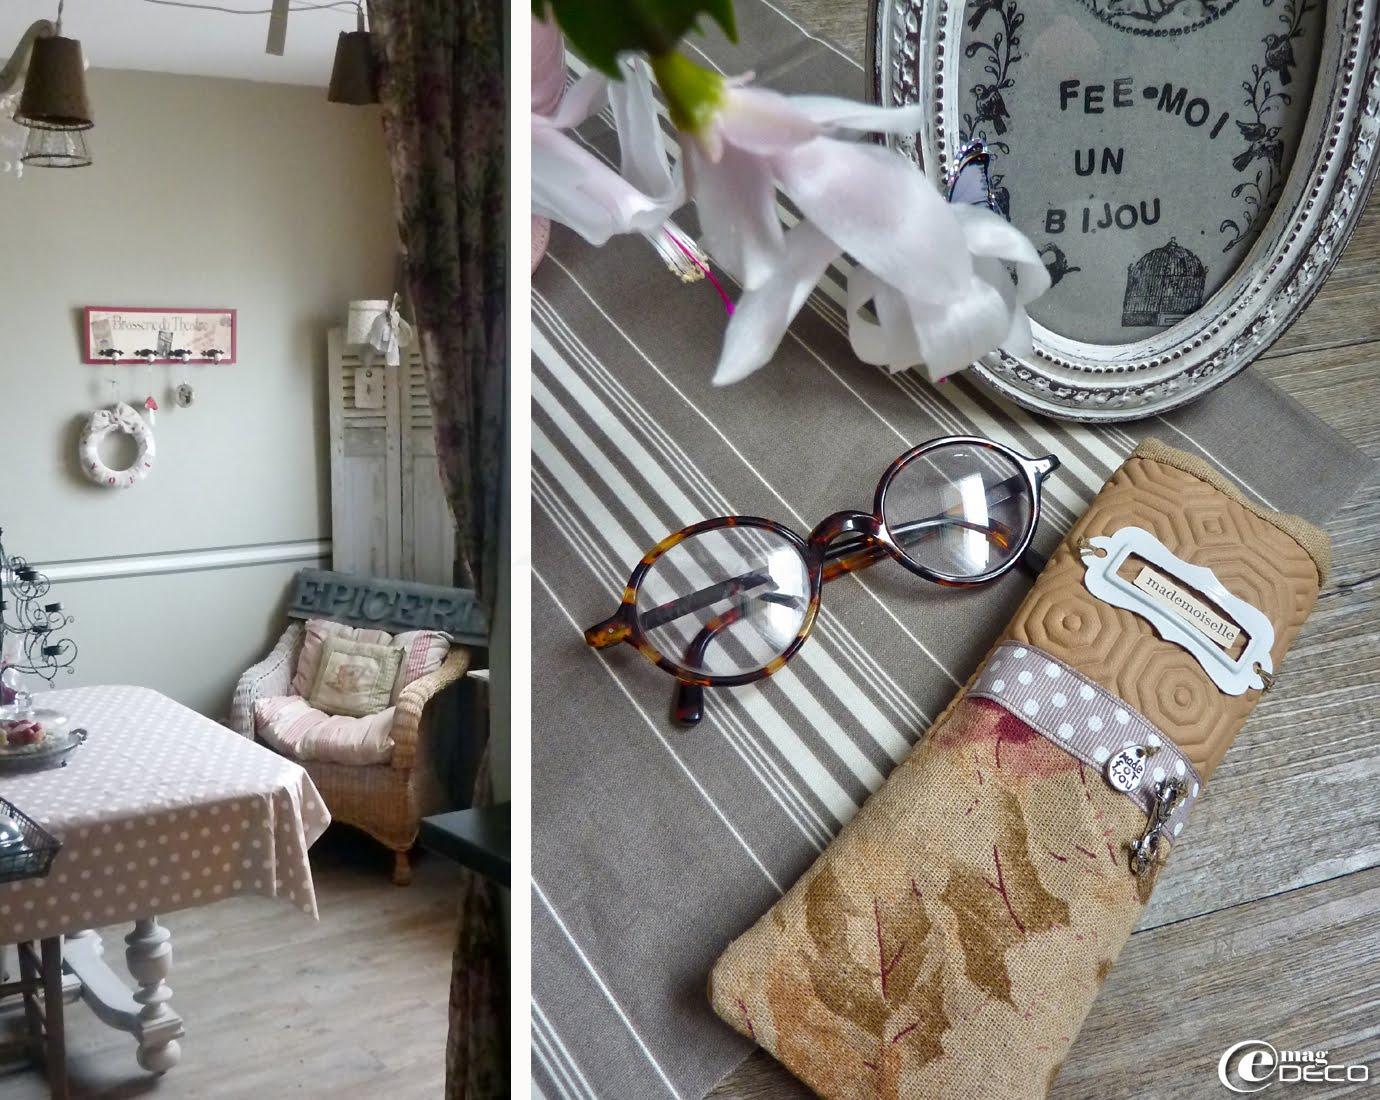 Un étui à lunettes en Bulgomme réalisé par Nathalie de fée-moi un Bijou